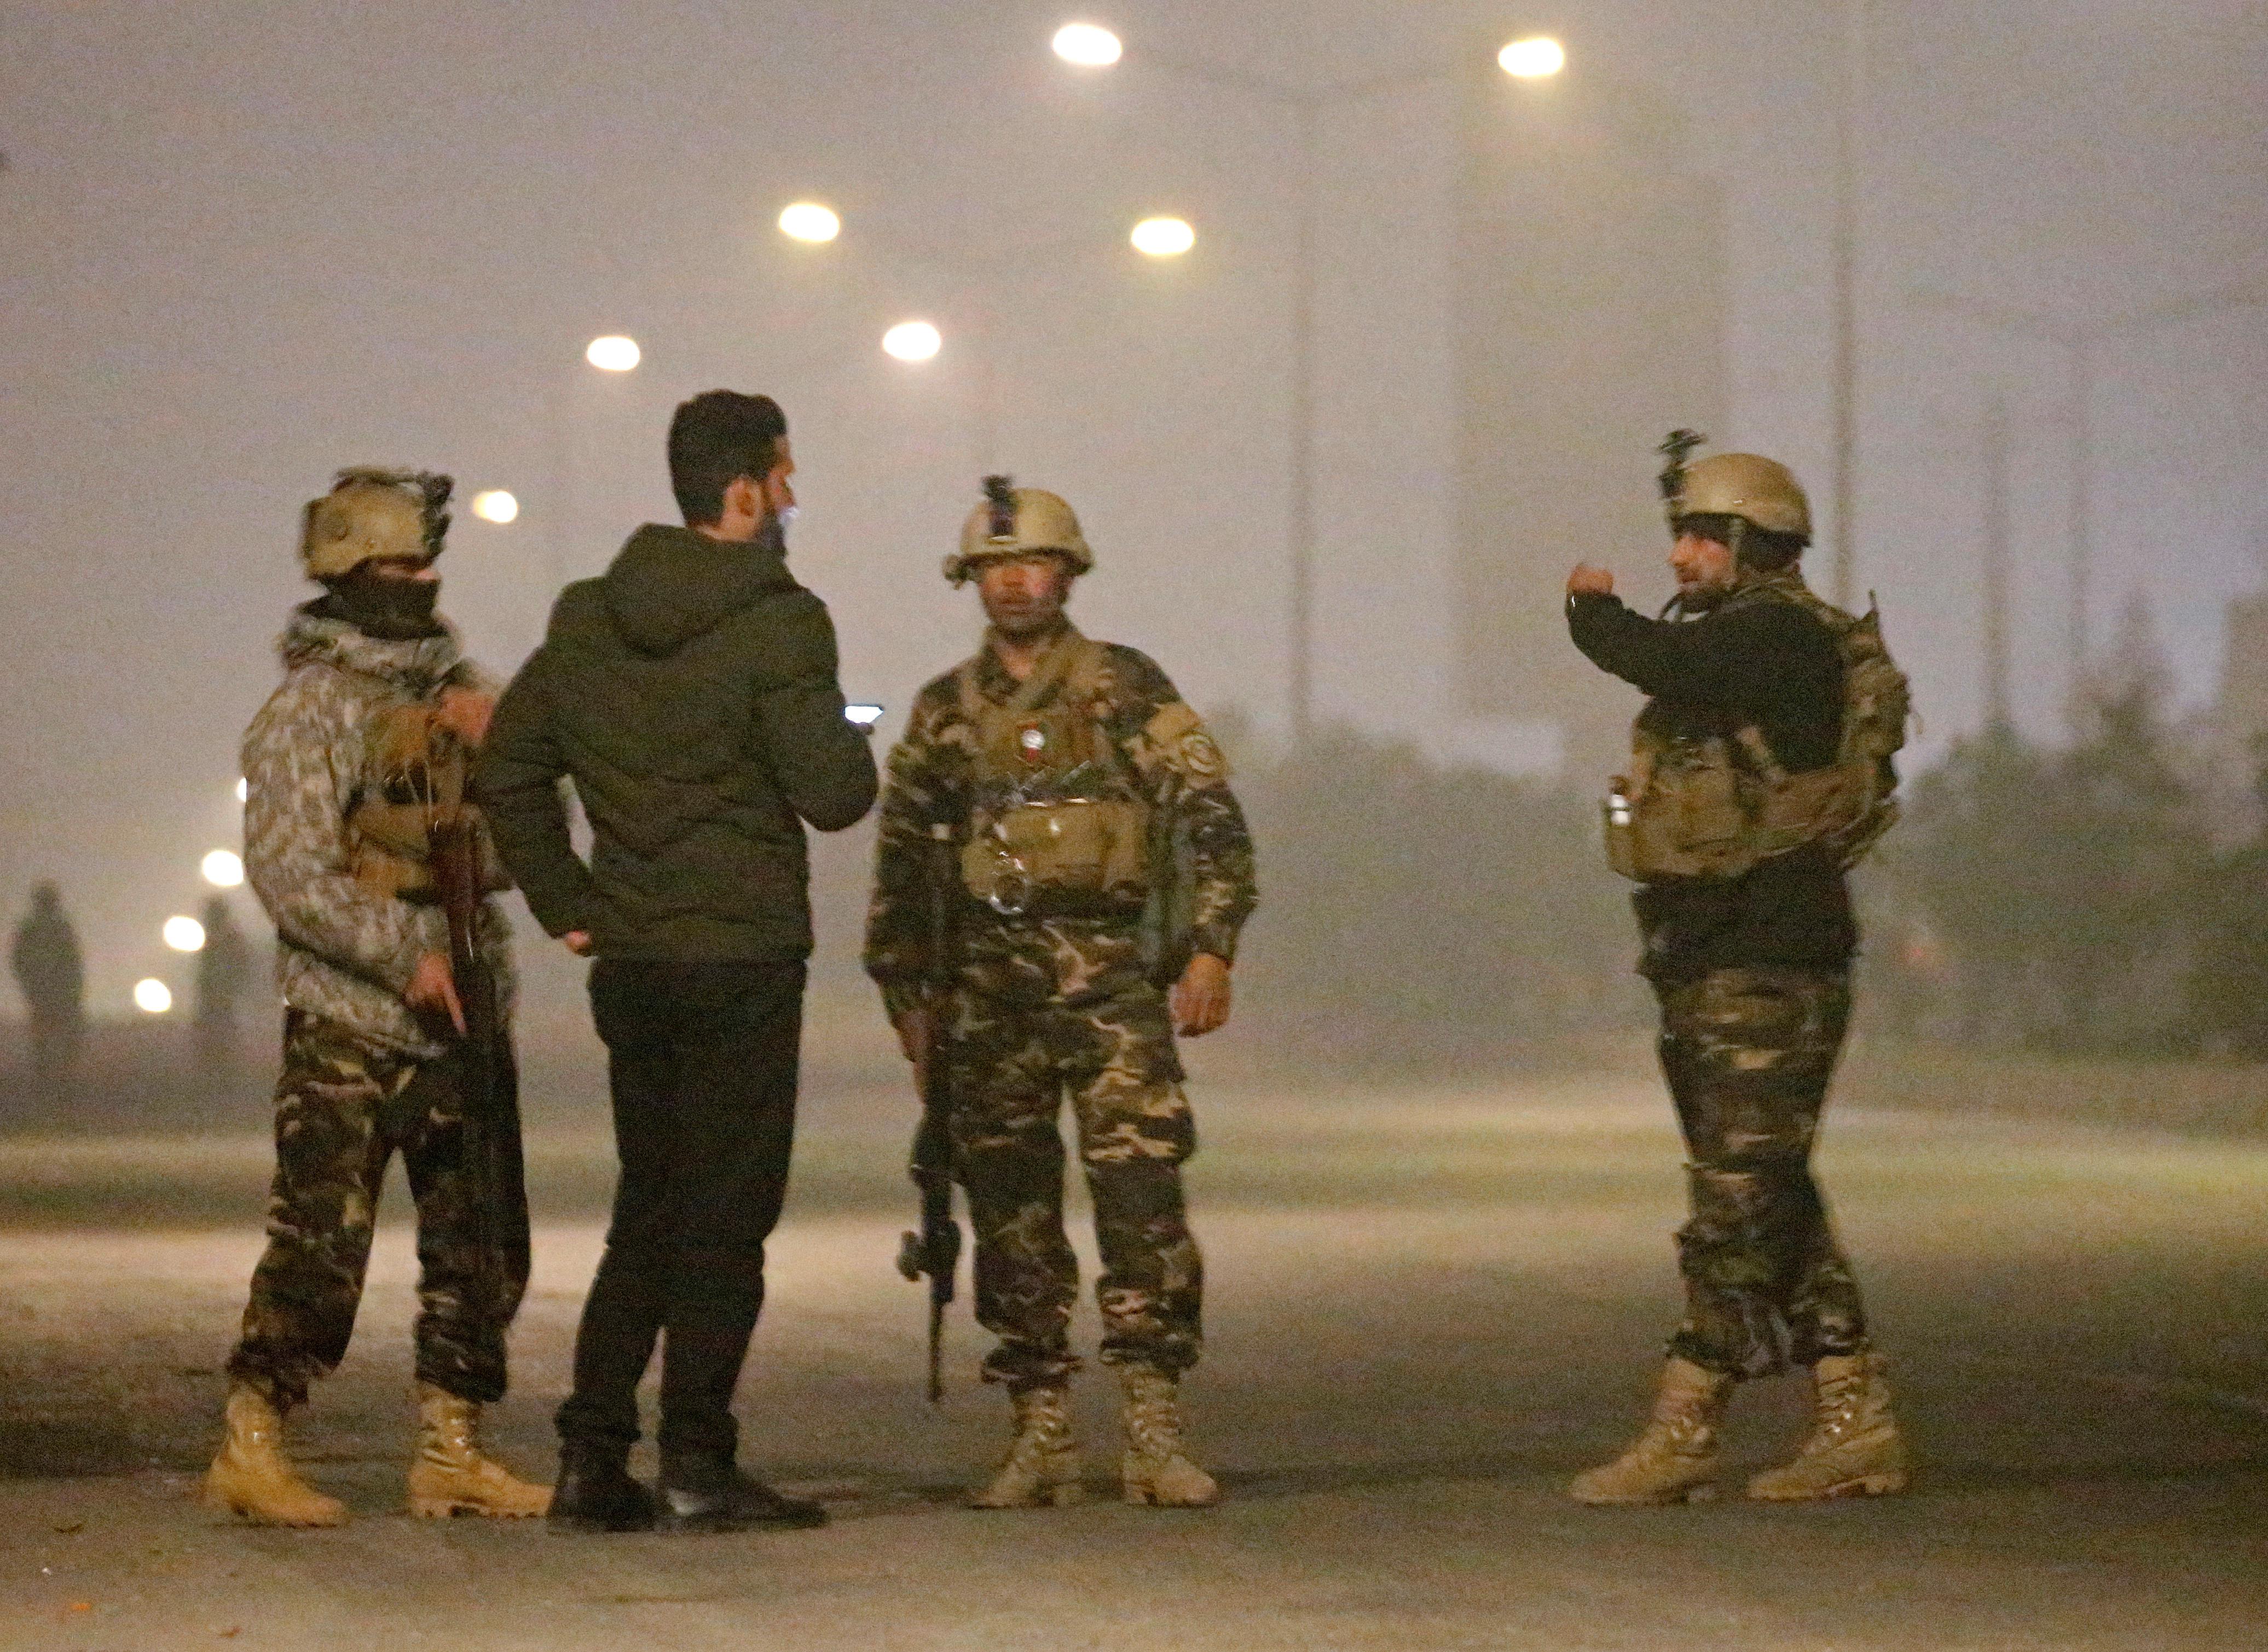 Οι Ταλιμπάν ανέλαβαν την ευθύνη για την επίθεση στο ξενοδοχείο Intercontinental της